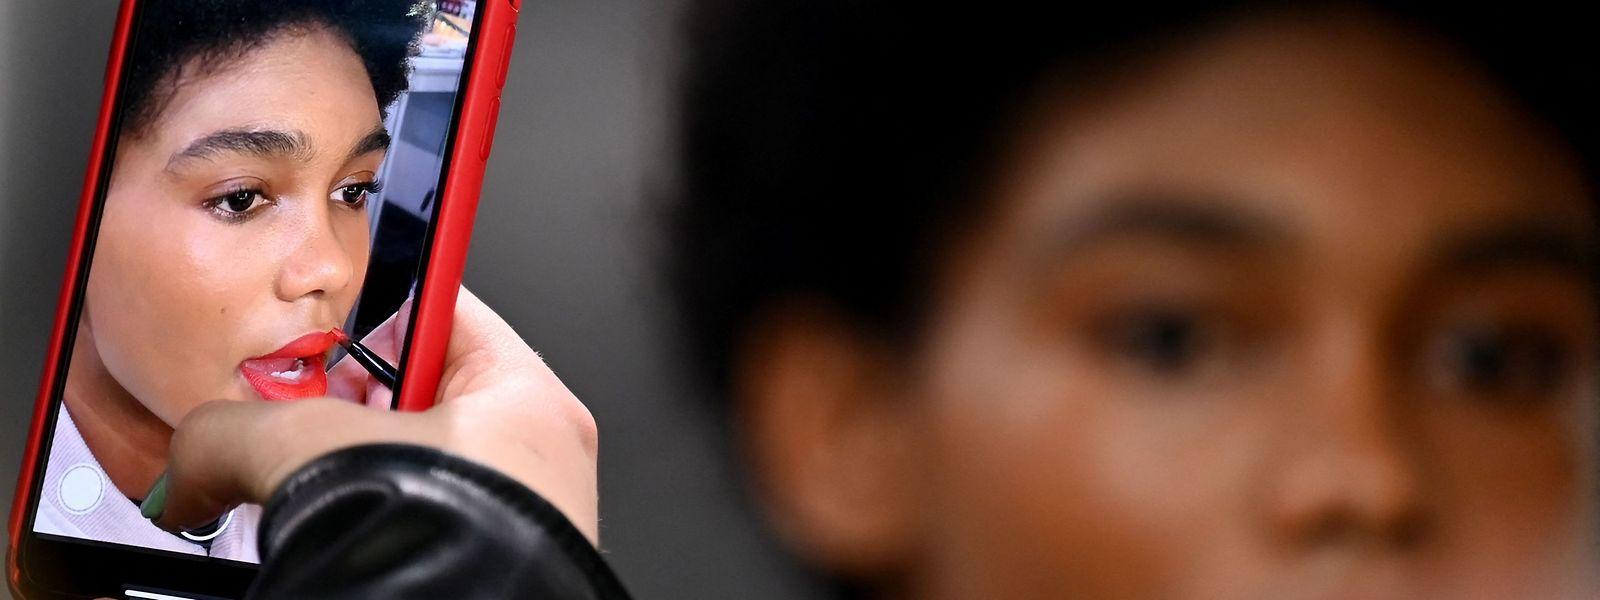 Le cyberharcèlement a pris une nouvelle ampleur ces derniers mois. Préoccupant pour la jeunesse.